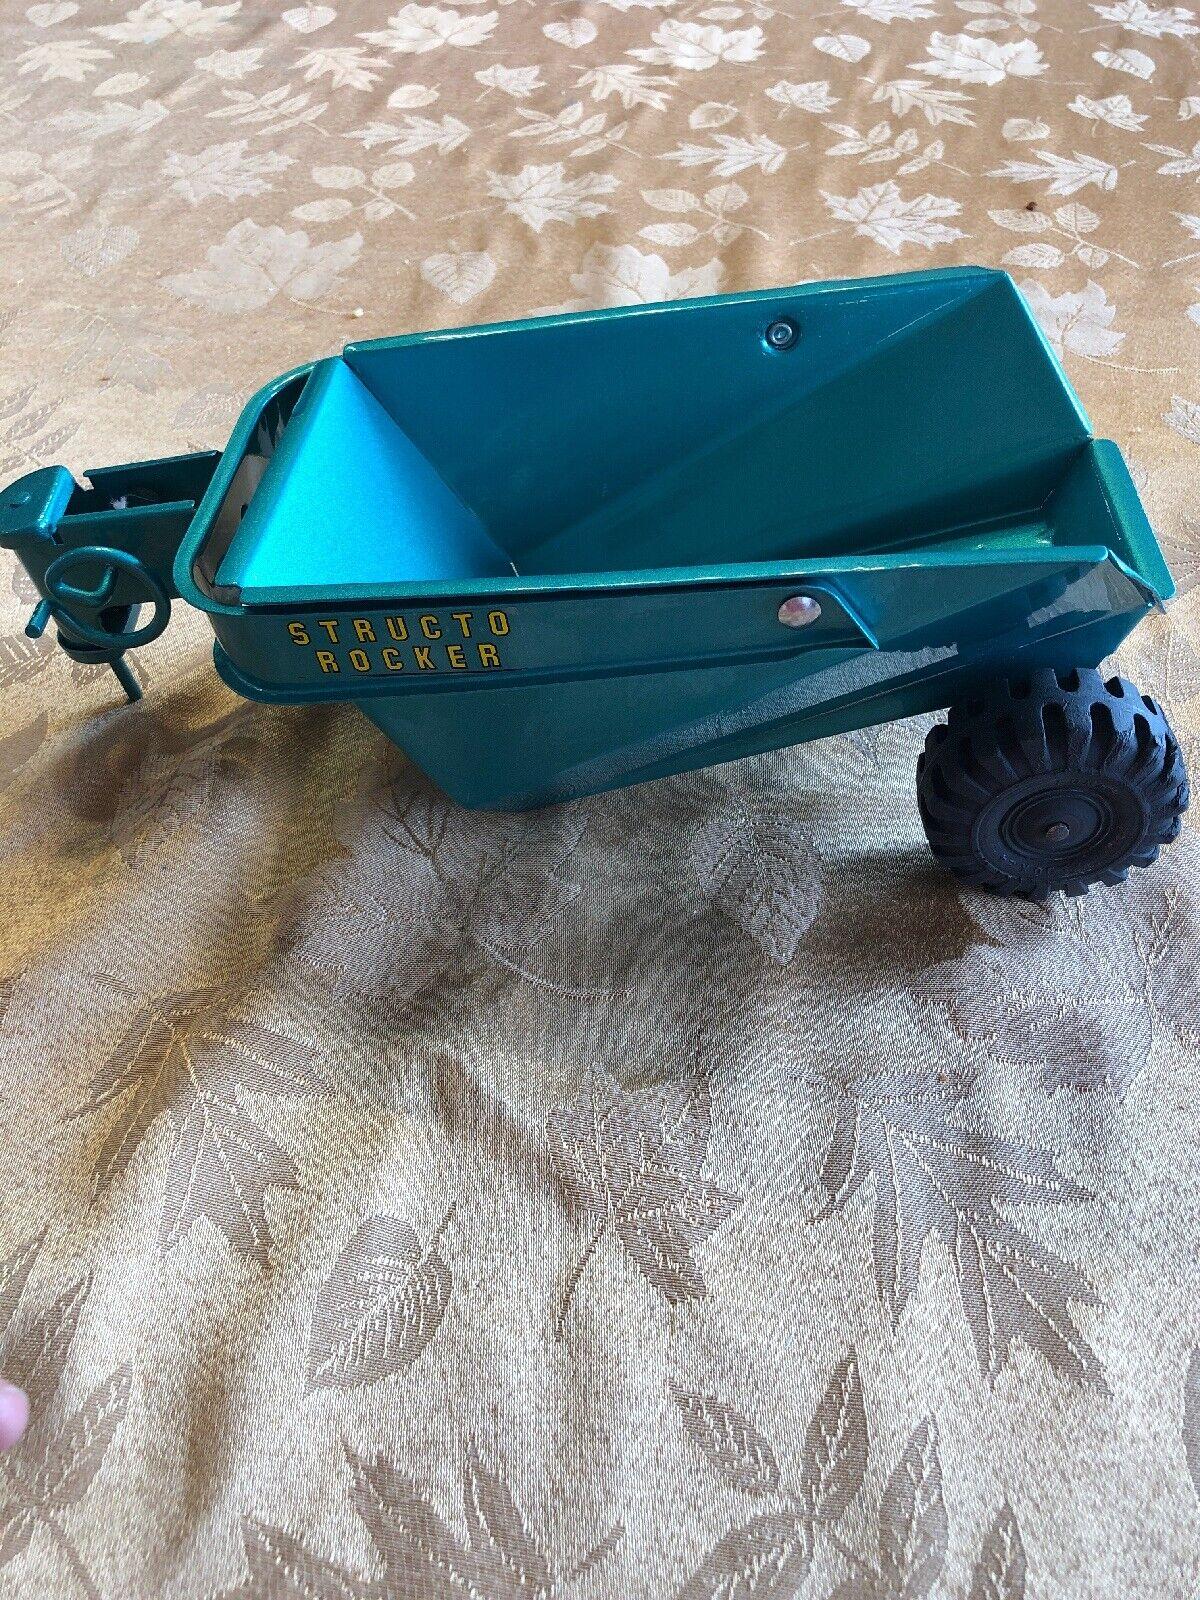 Vintage Buddy L Structo remolque basculante eje de balancín Acero Prensado verde Pro Restaurado